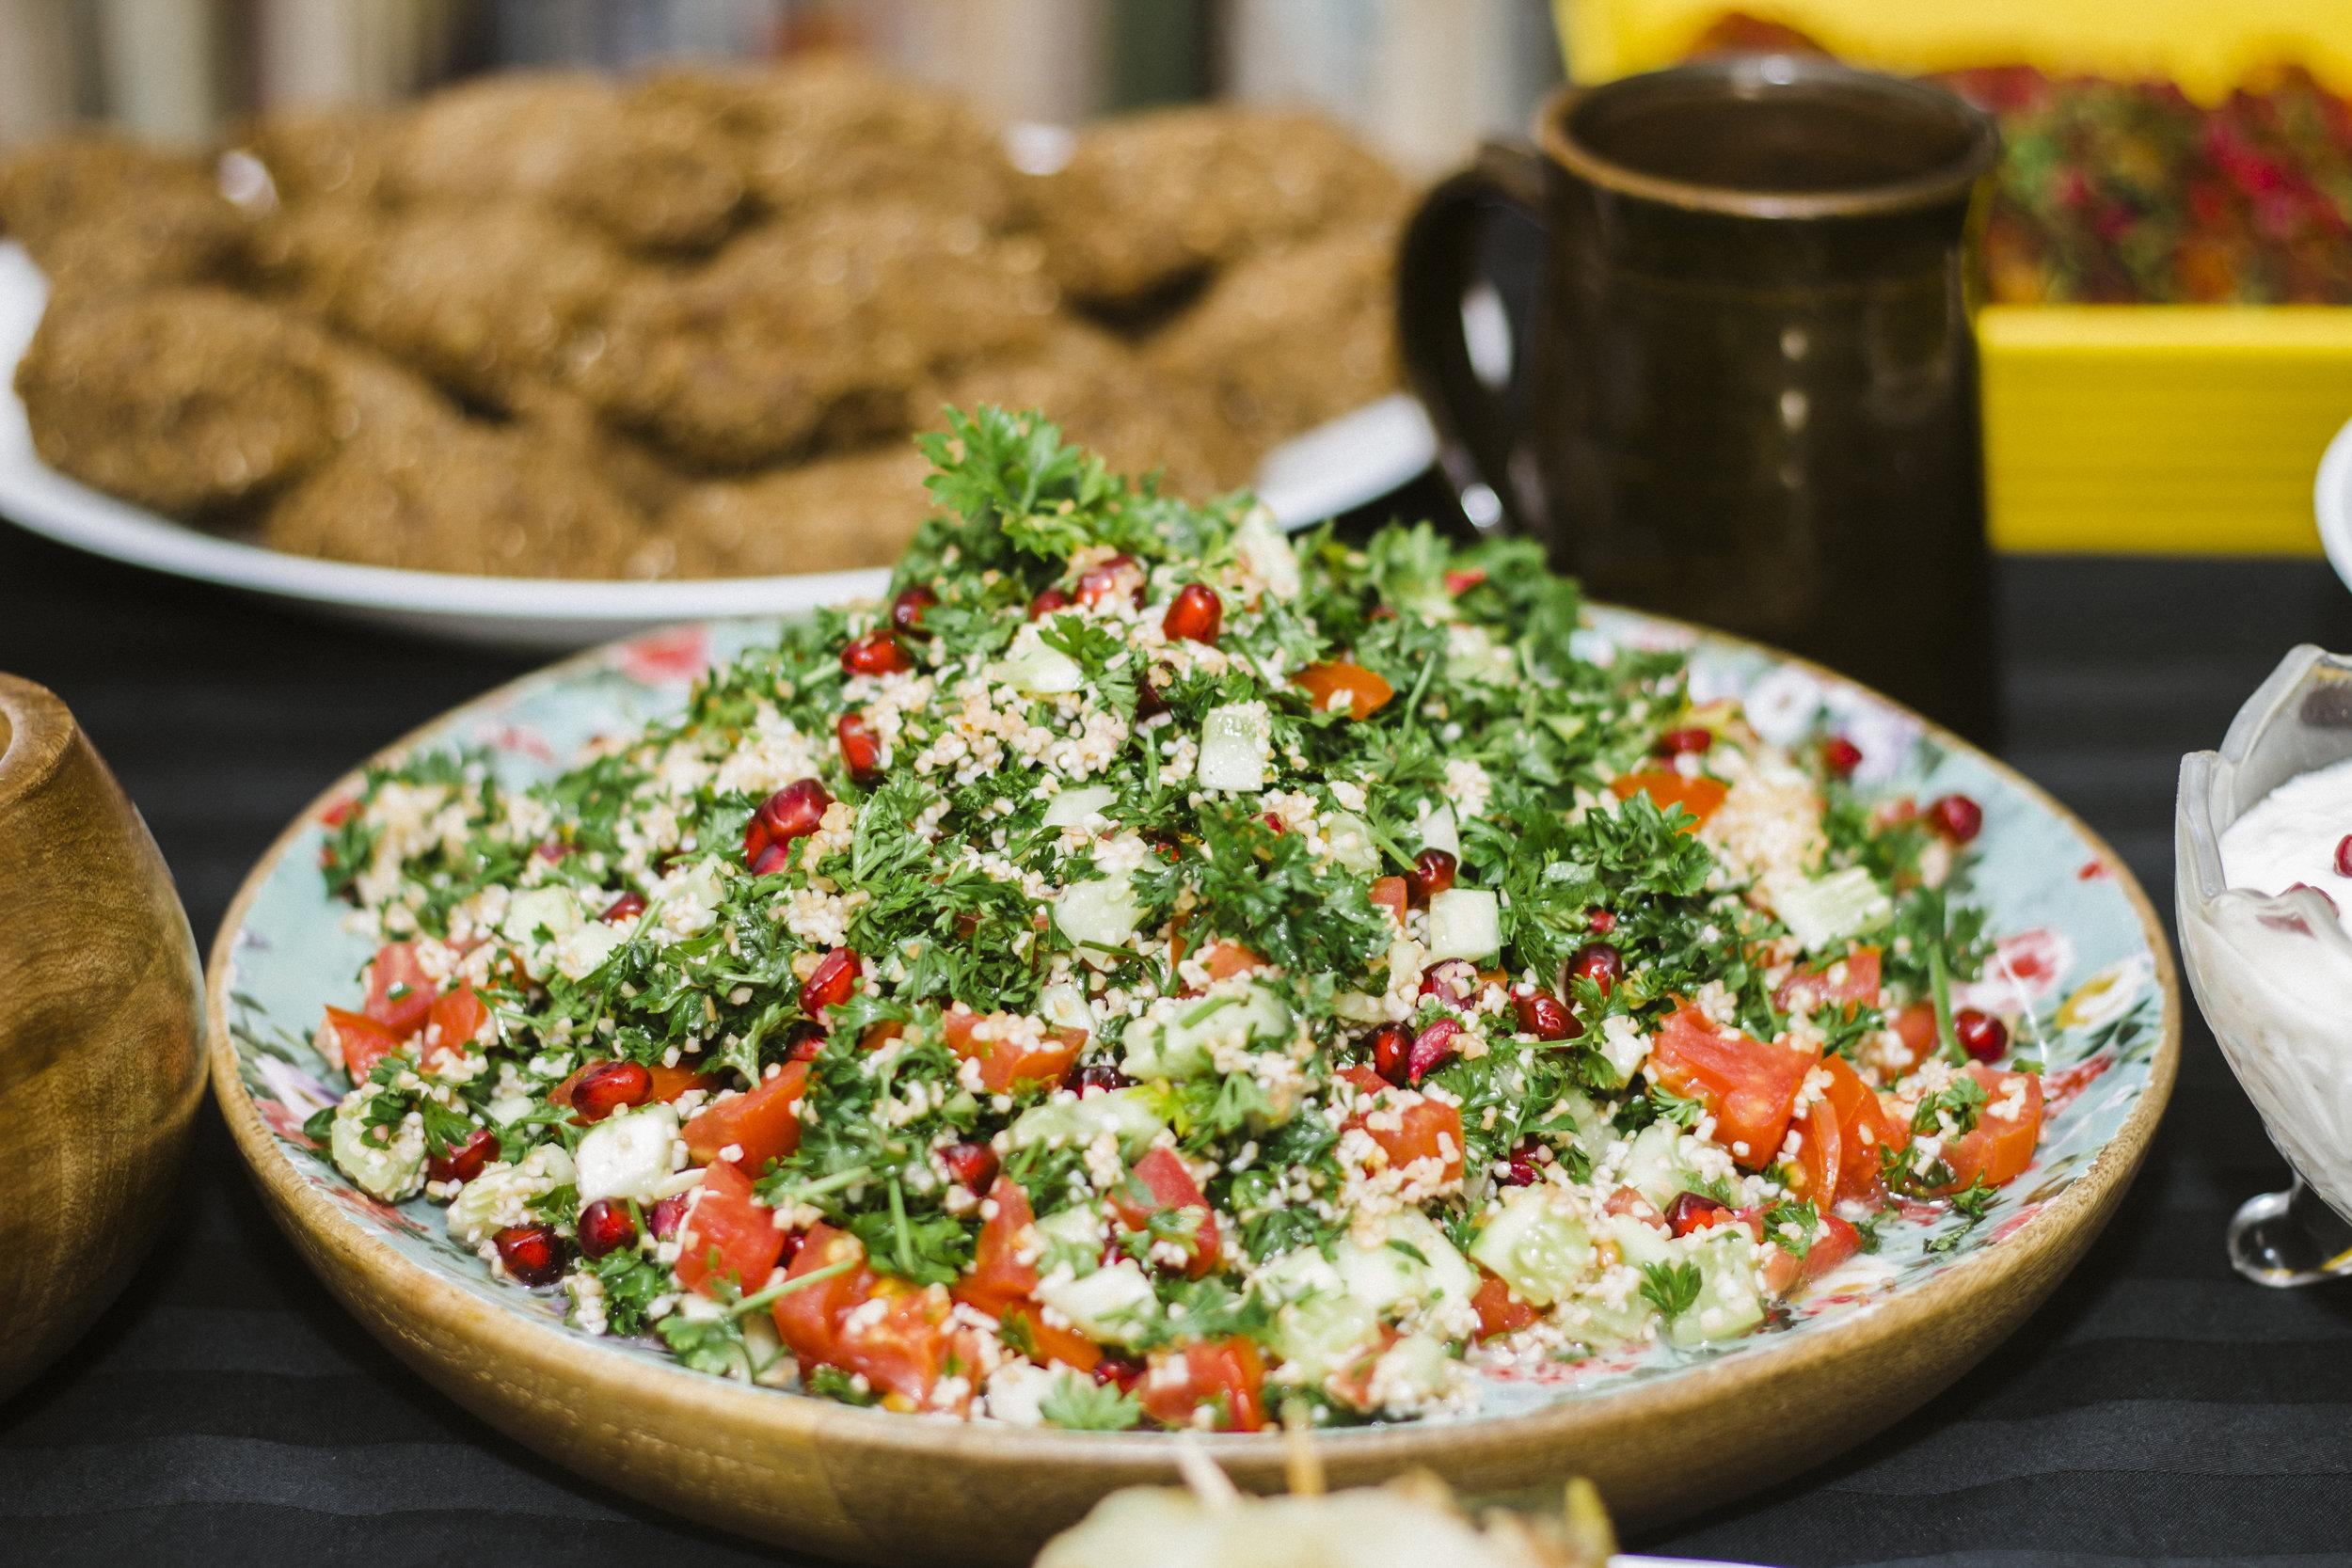 Lébu Vegetarian, Vegan & Grains recipes - vegetables & Grains are heroes